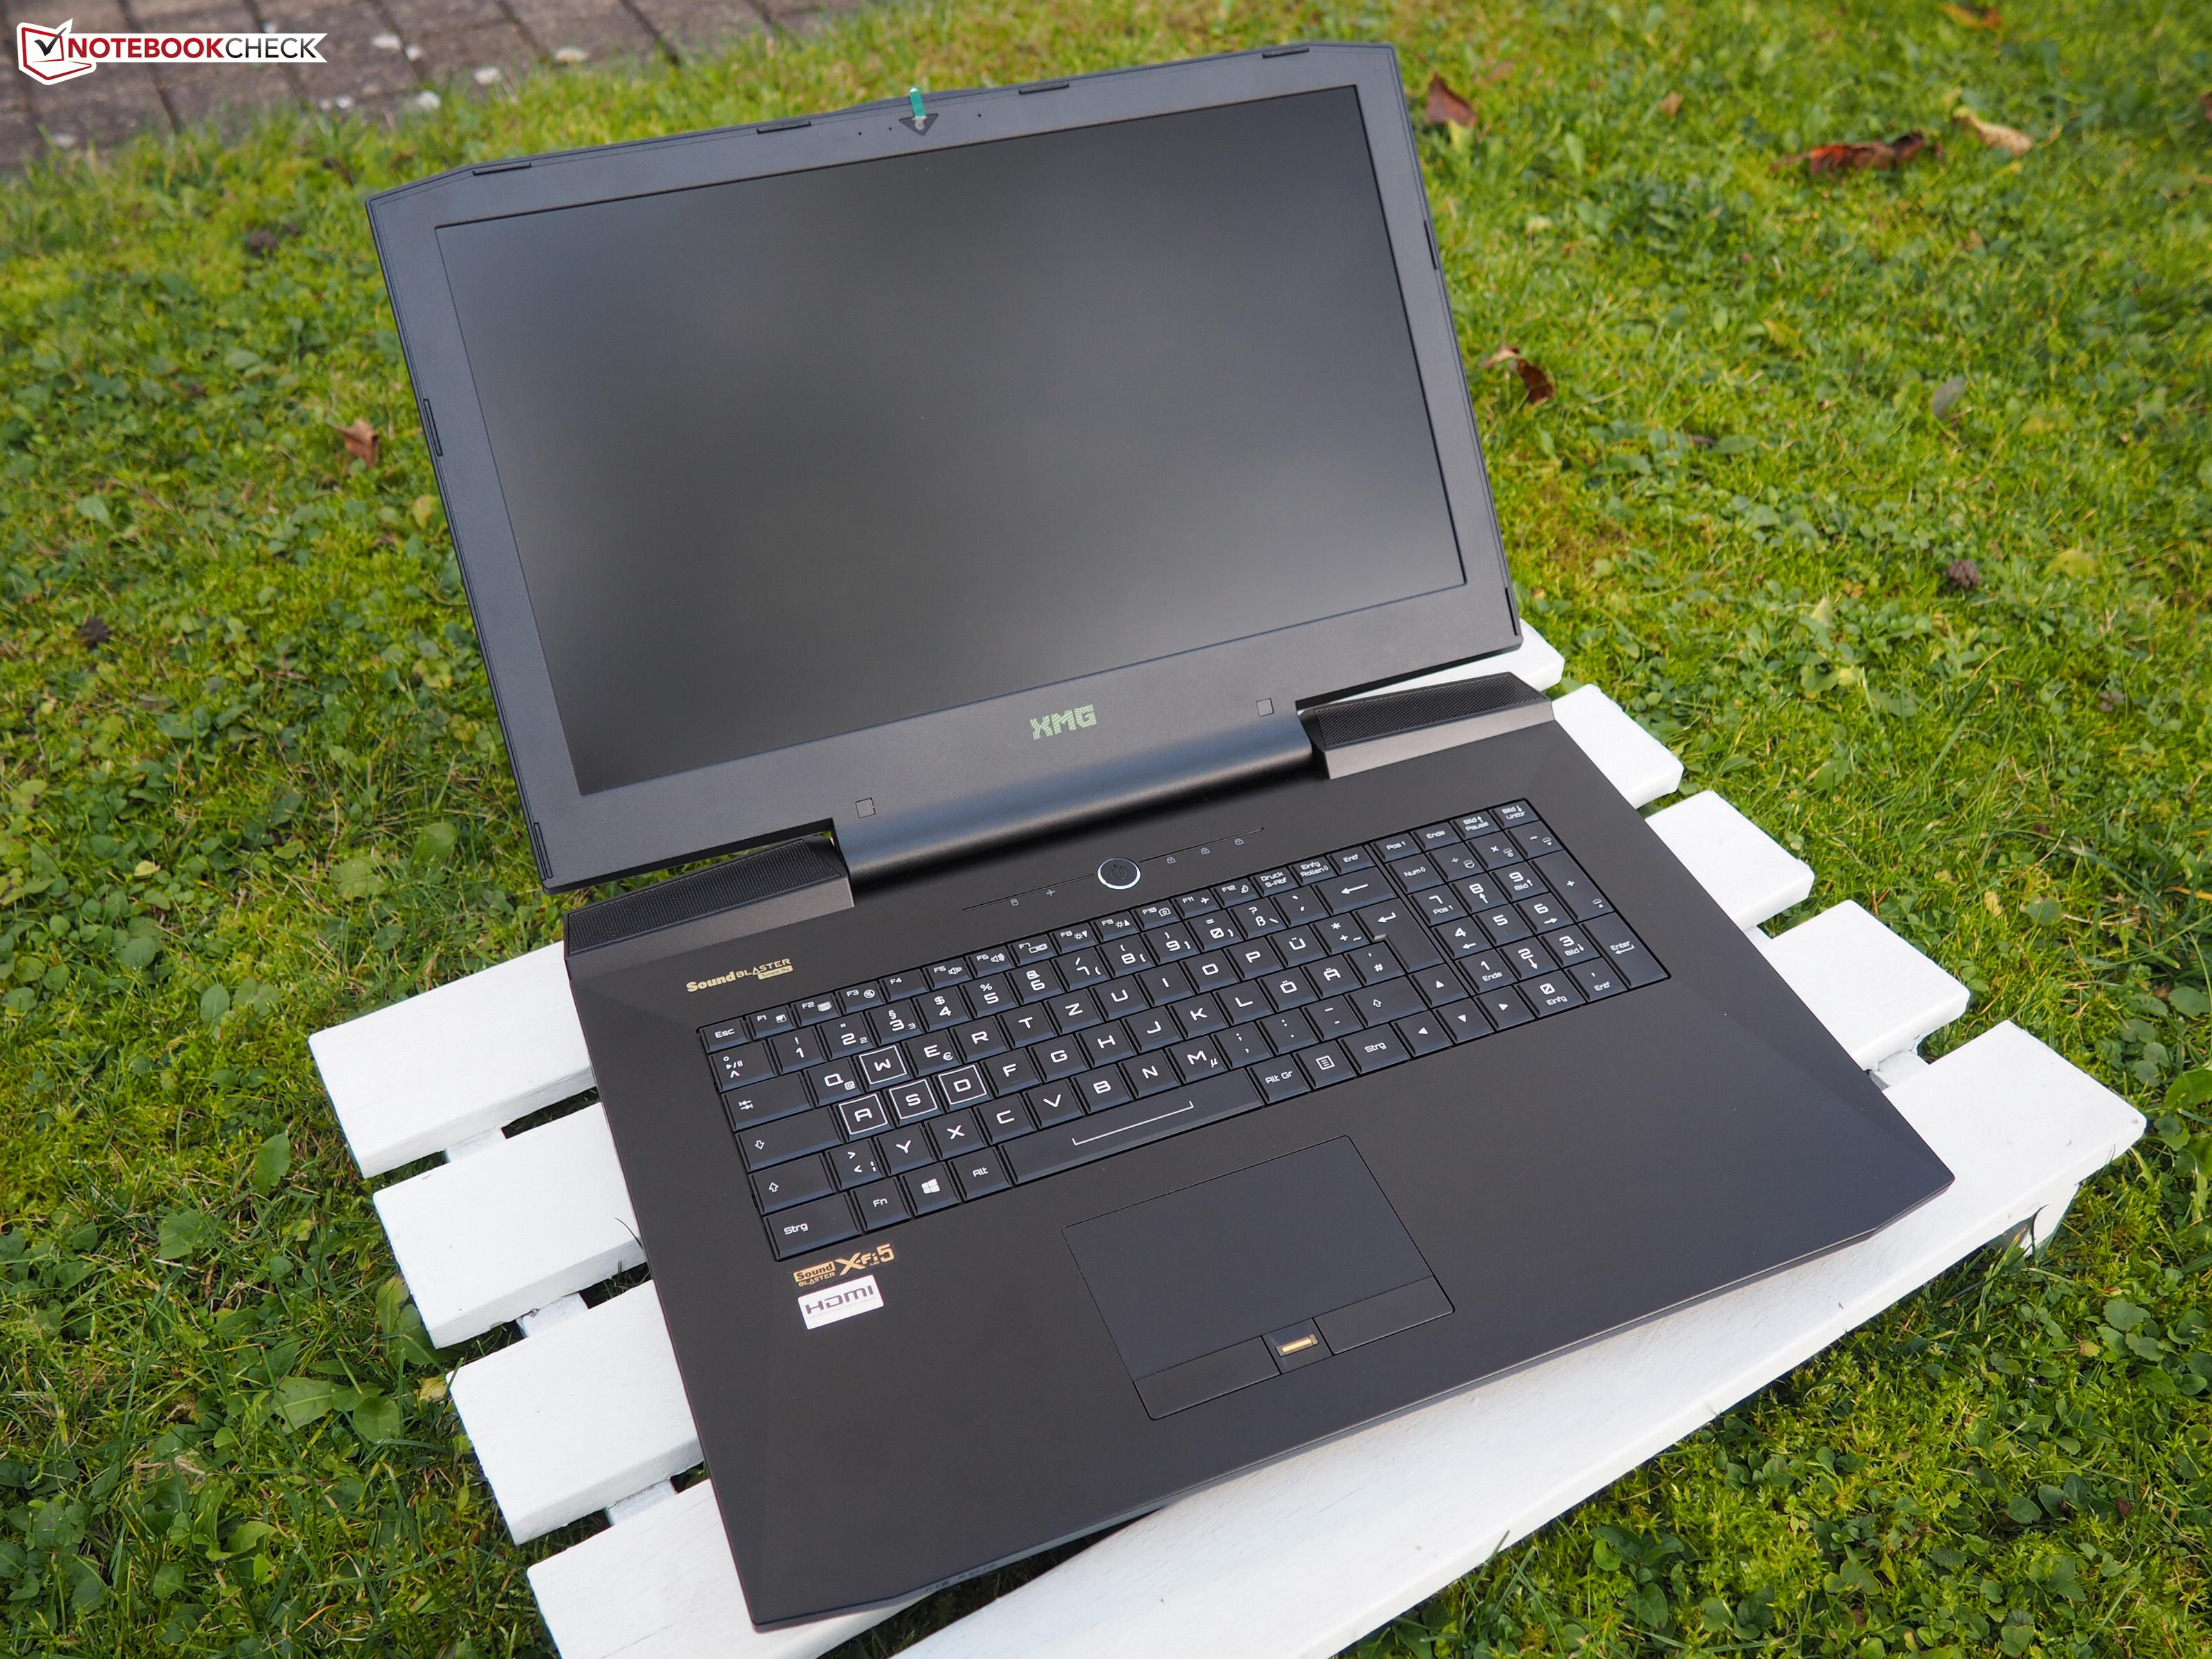 Schenker Xmg U726 Clevo P870dm Notebook Review